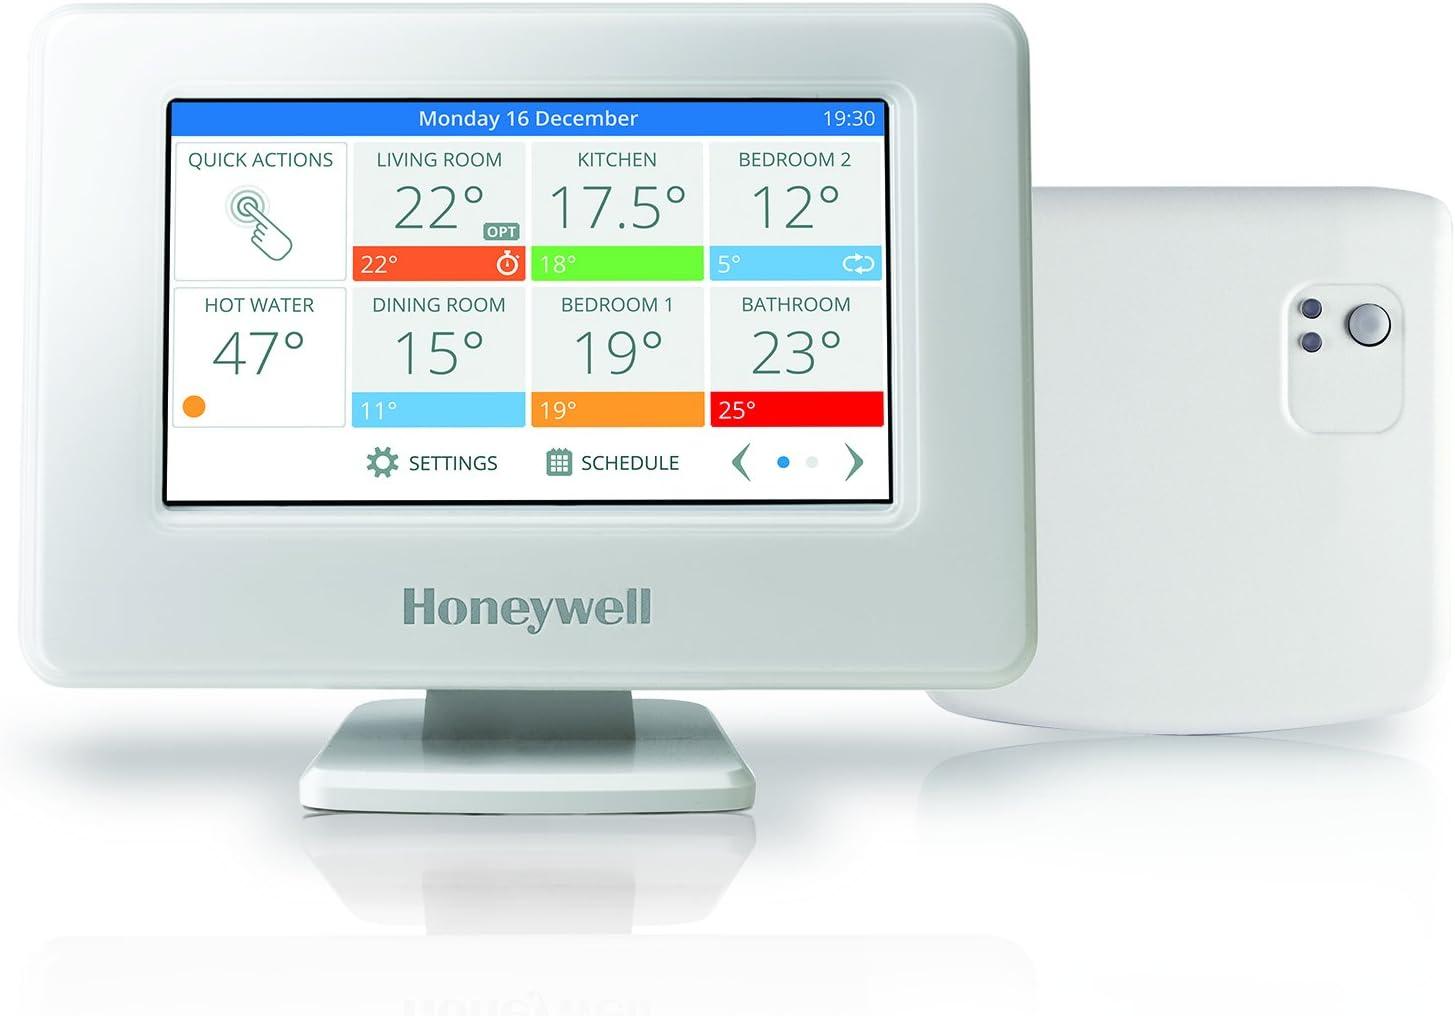 Honeywell Home THR99C3110 Kit de termostato Inteligente evohome WiFi y módulo relé de Caldera, Ahorra energía y Dinero, Blanco (2 Piezas): Honeywell: Amazon.es: Bricolaje y herramientas